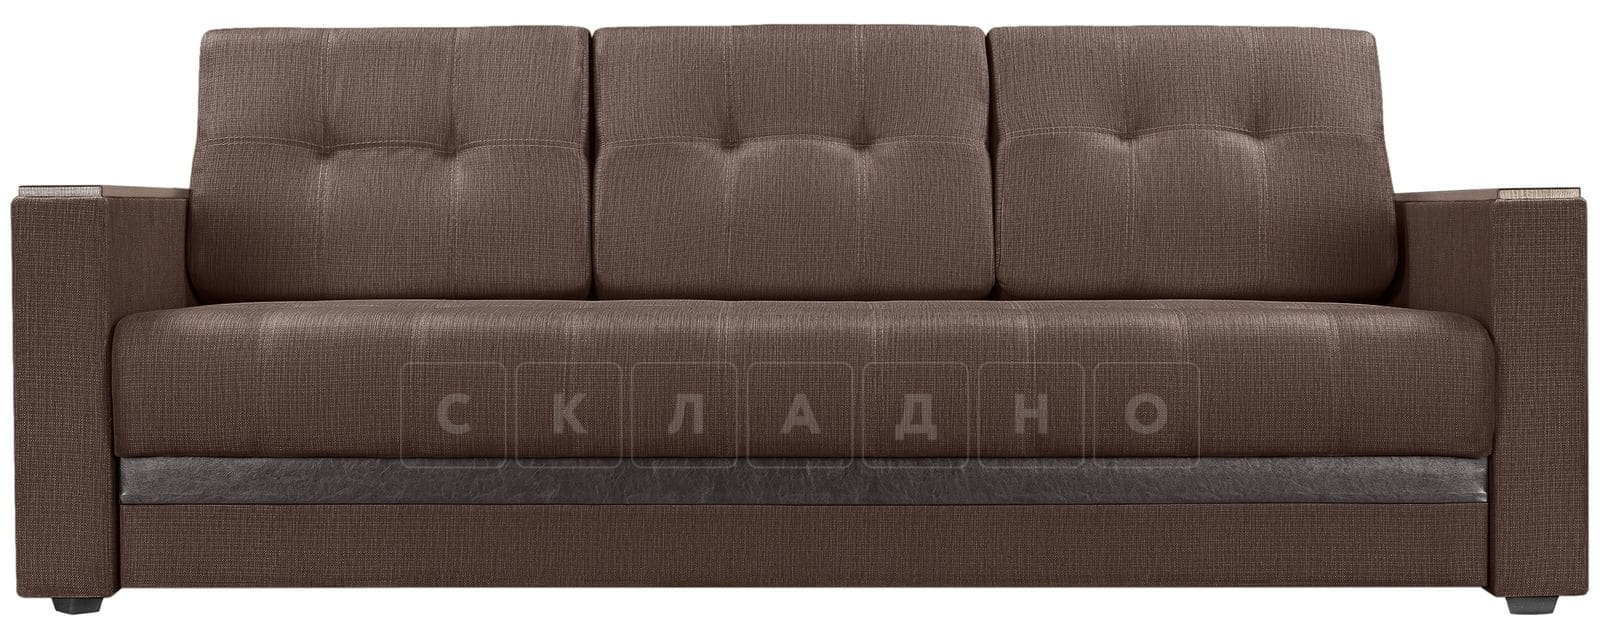 Диван Атланта рогожка коричневого цвета фото 2 | интернет-магазин Складно